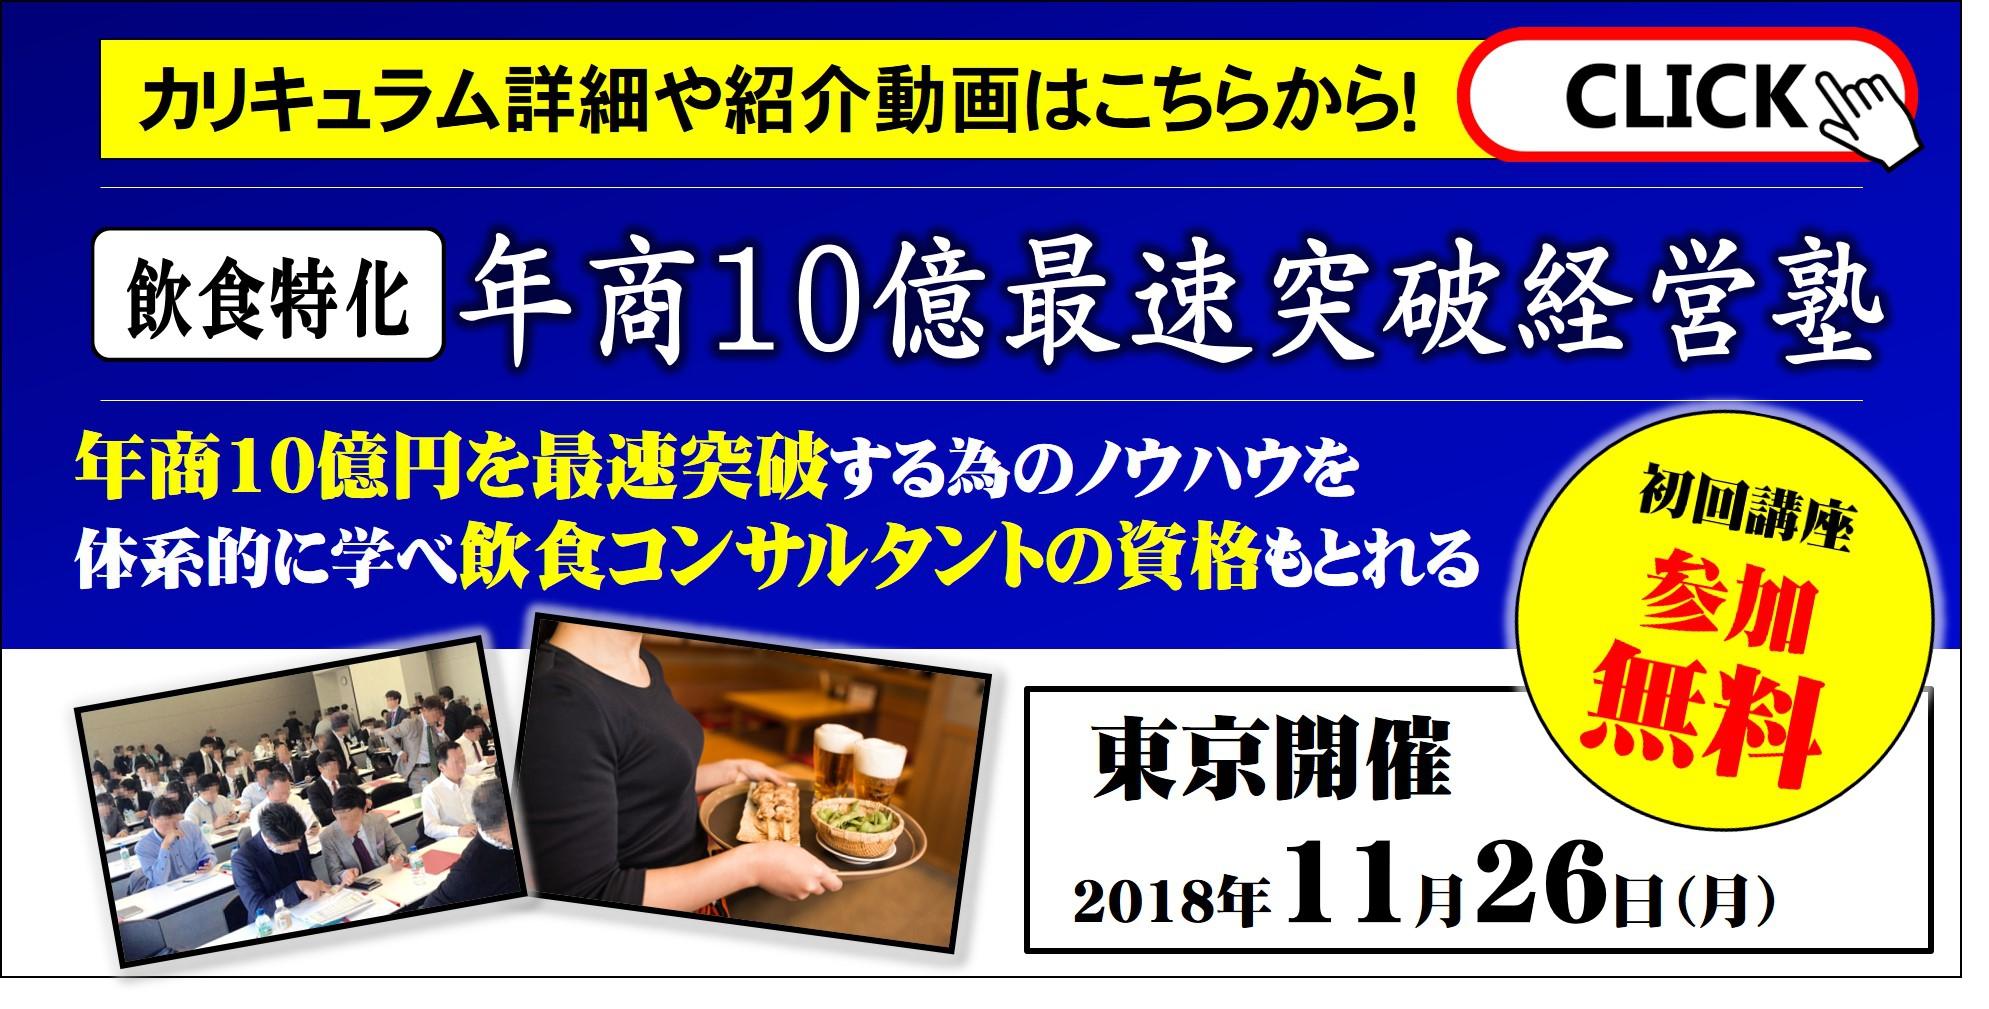 これからの日本の飲食業界